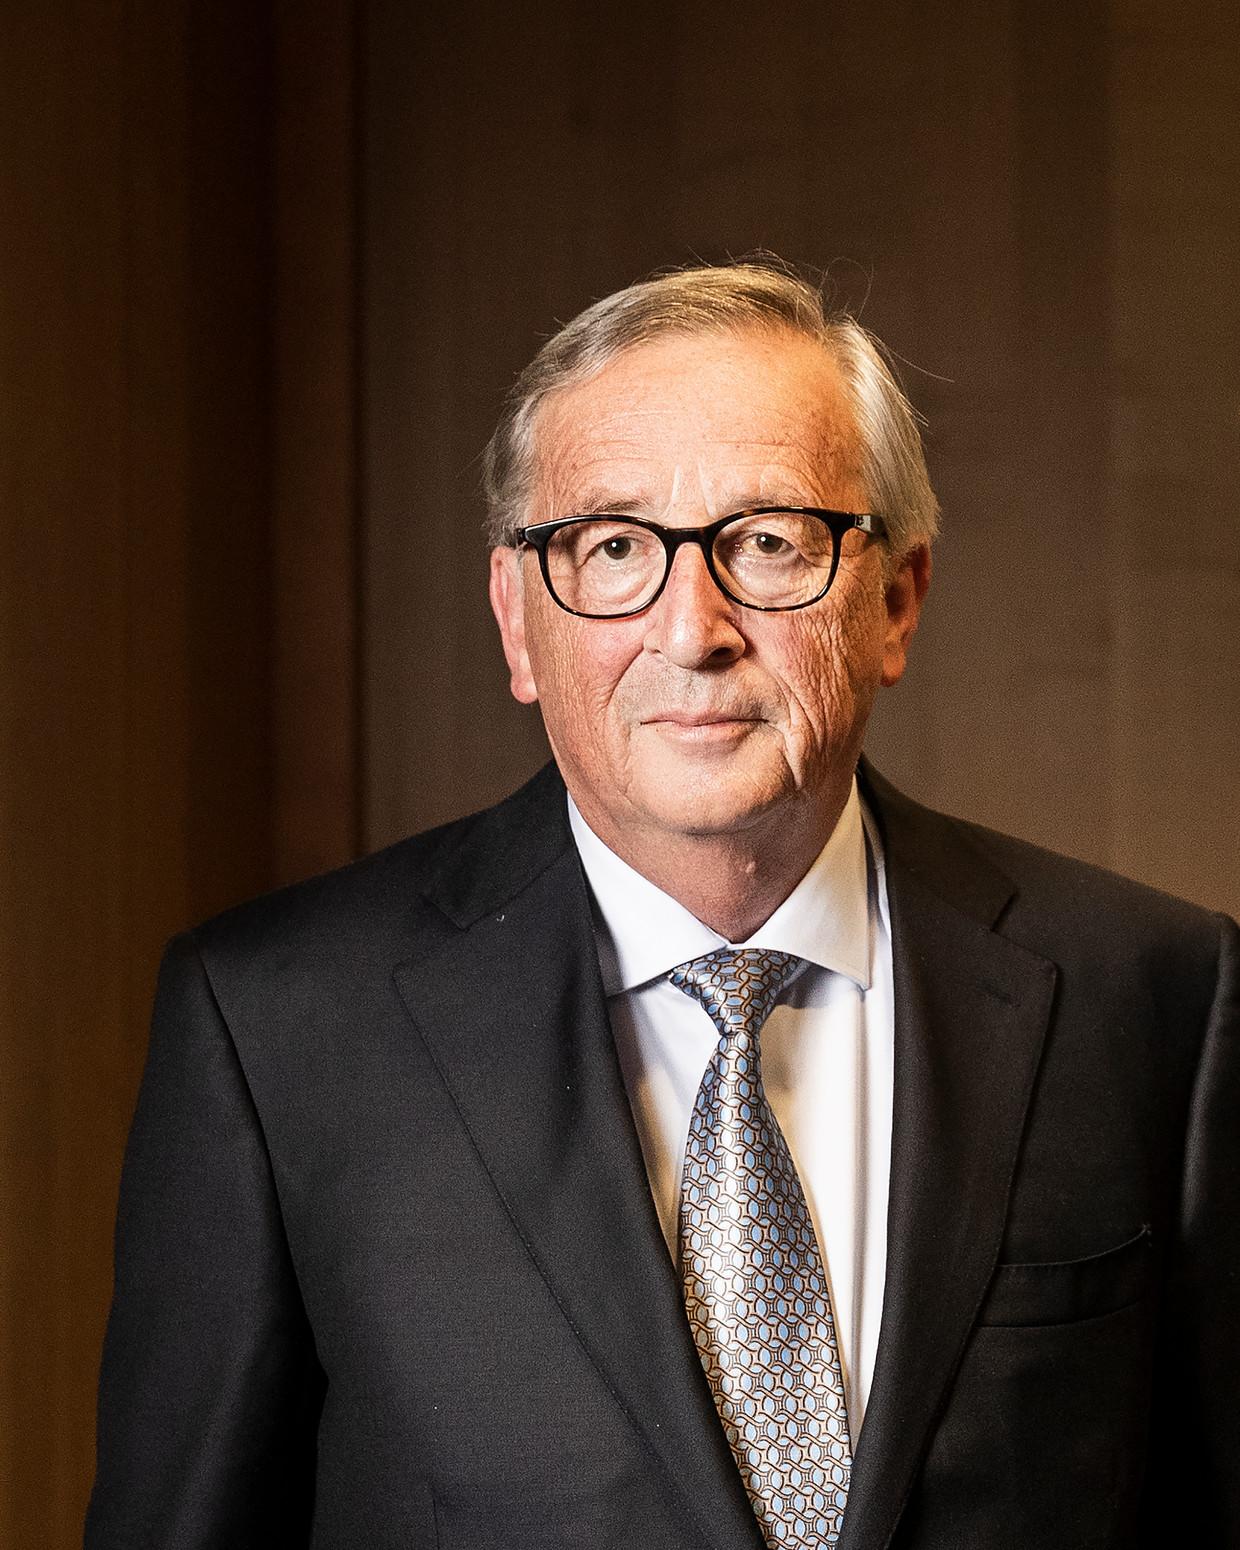 Jean-Claude Juncker: 'Ik dacht Cameron te helpen door mijn mond te houden. Dat was een grote vergissing. Er zijn zo veel leugens verteld door de Brexiteers tijdens de referendumcampagne.' Beeld Jiri Büller